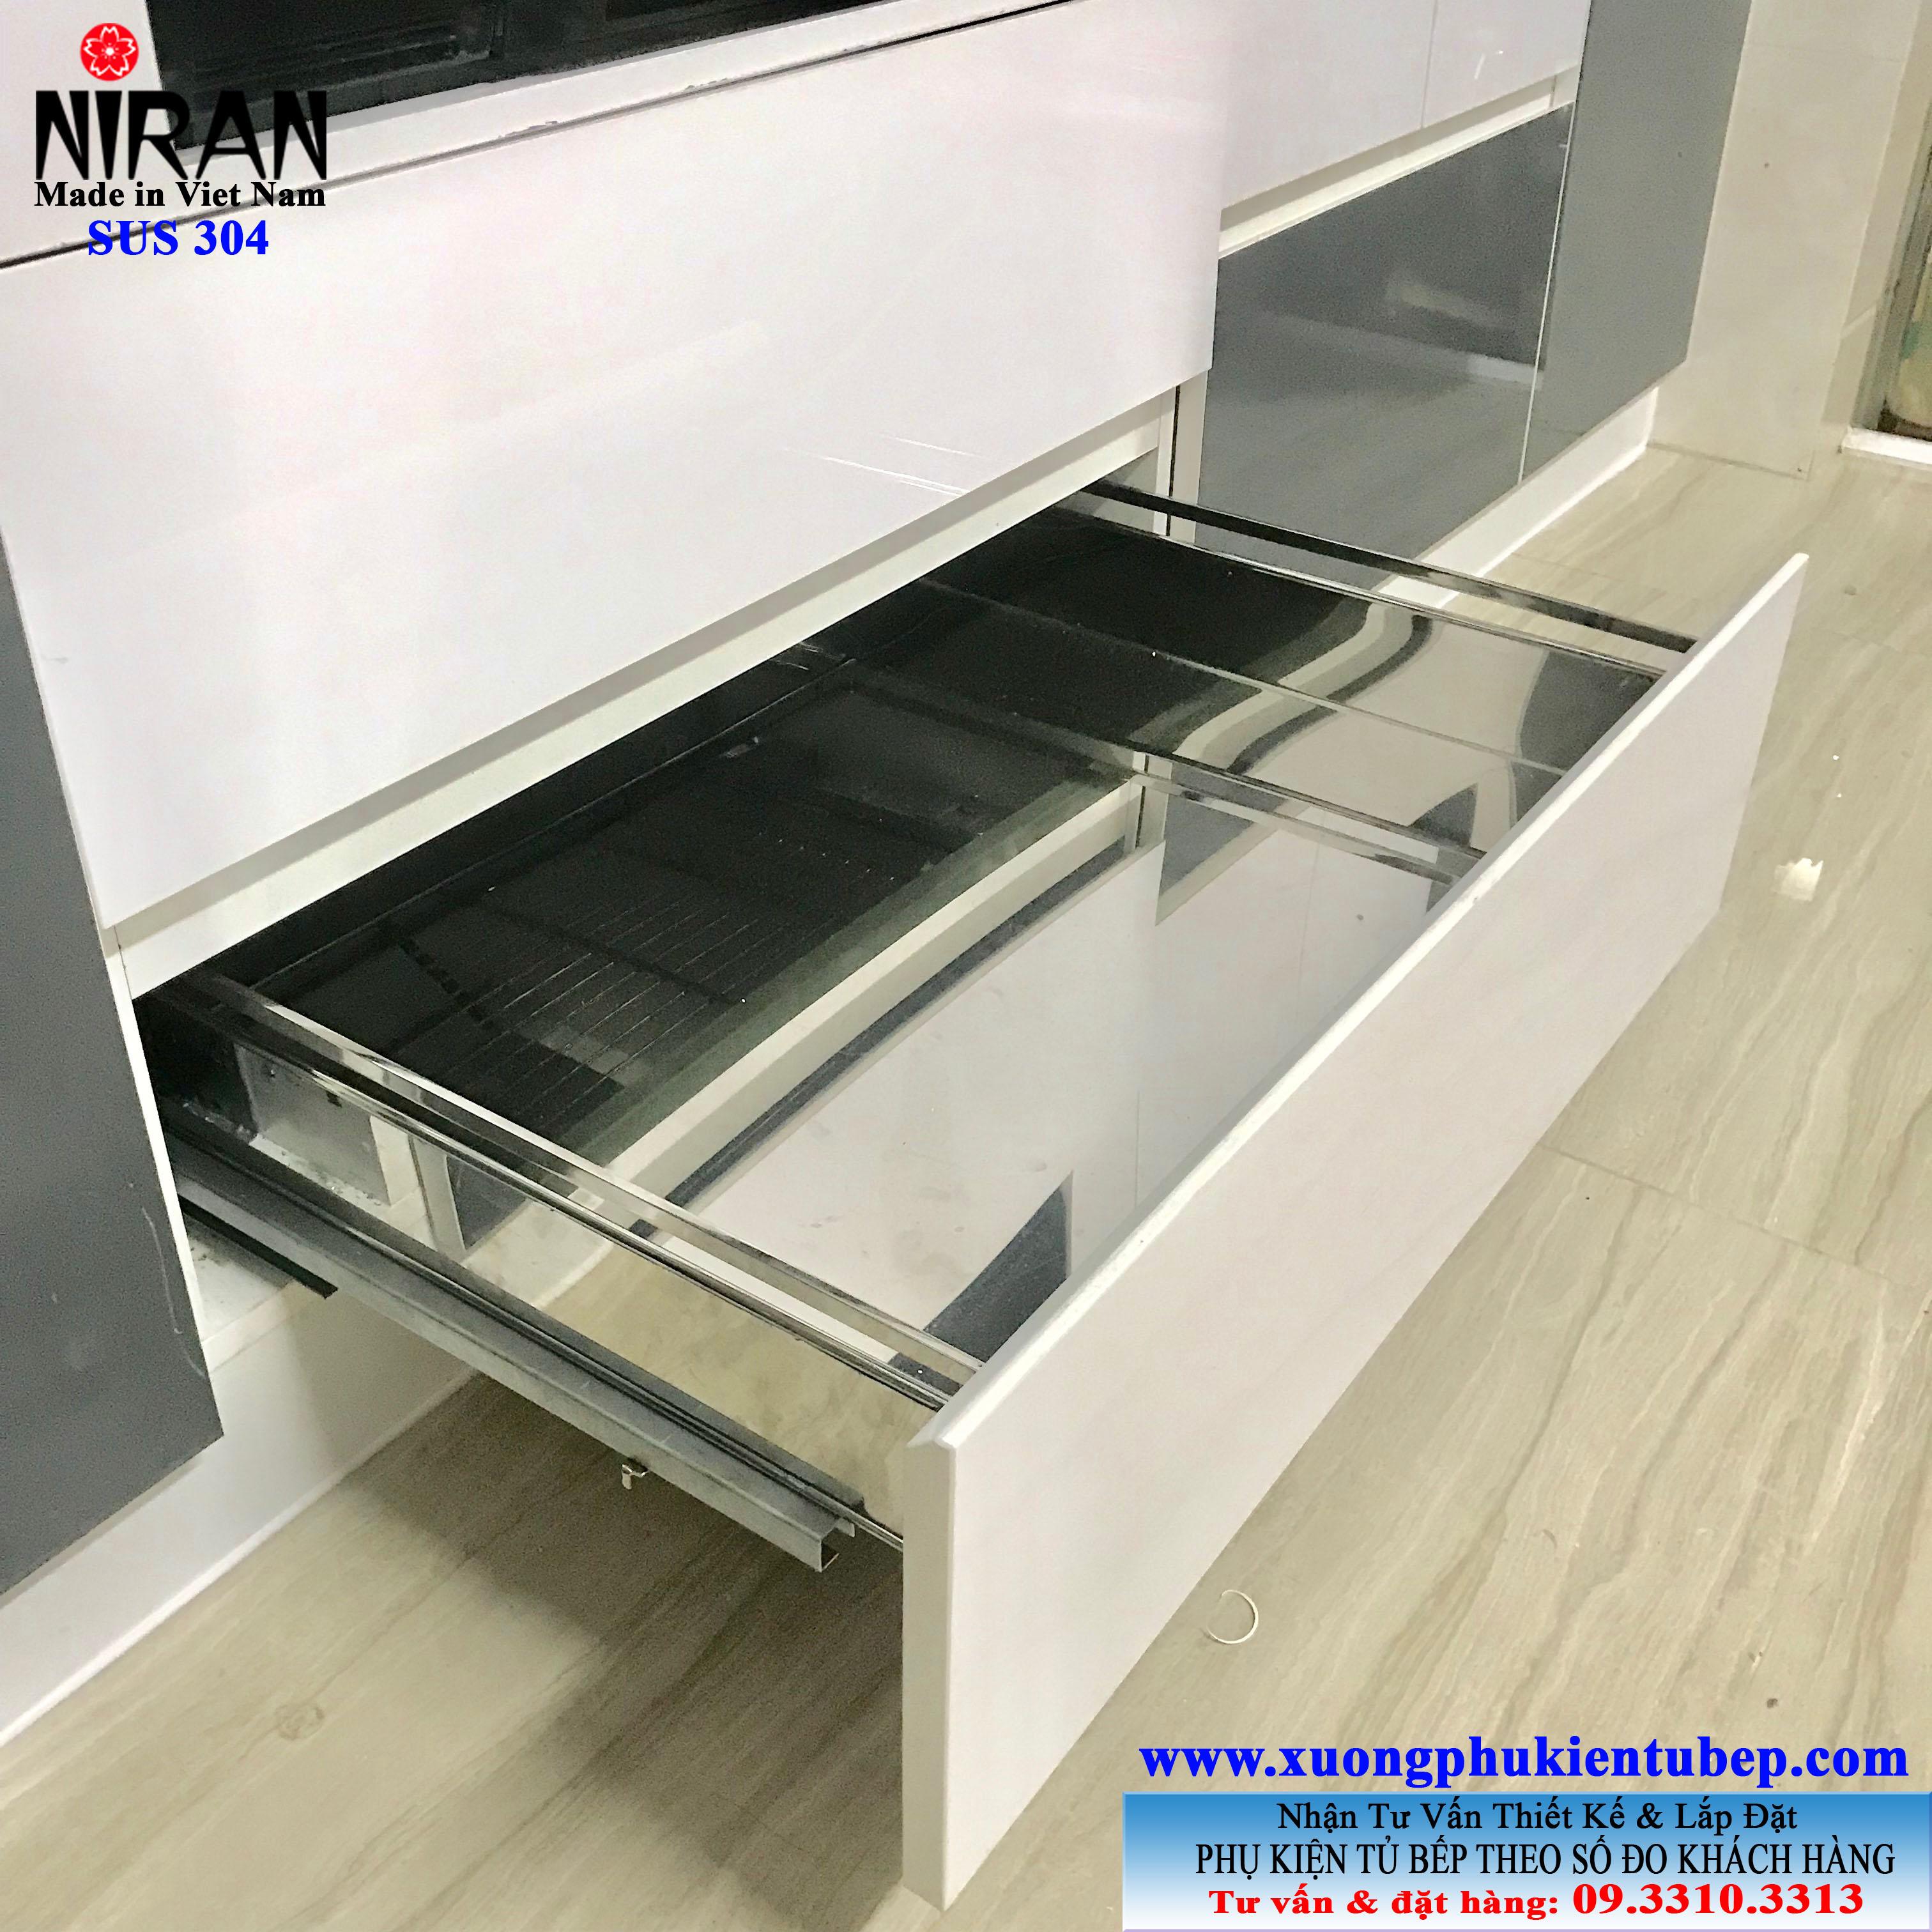 Khay đựng xoong nồi inox 304 Niran NR0207